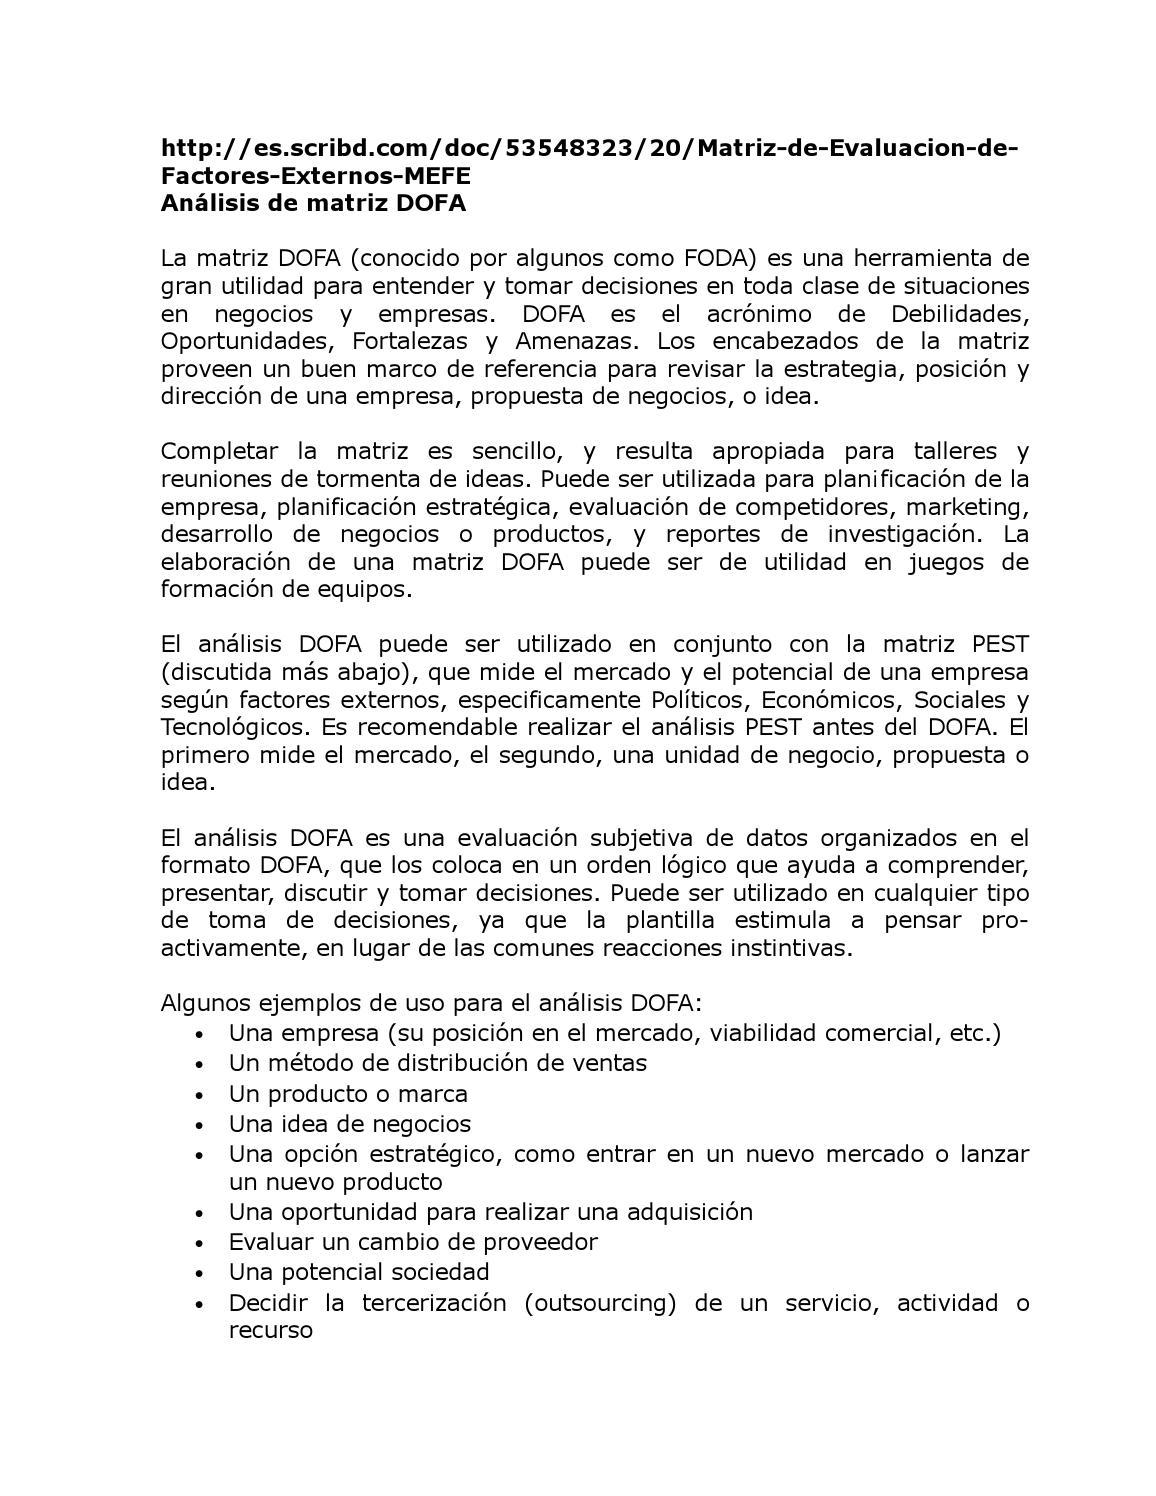 Análisis de matriz dofa y pest by Emmanuel Franco - issuu